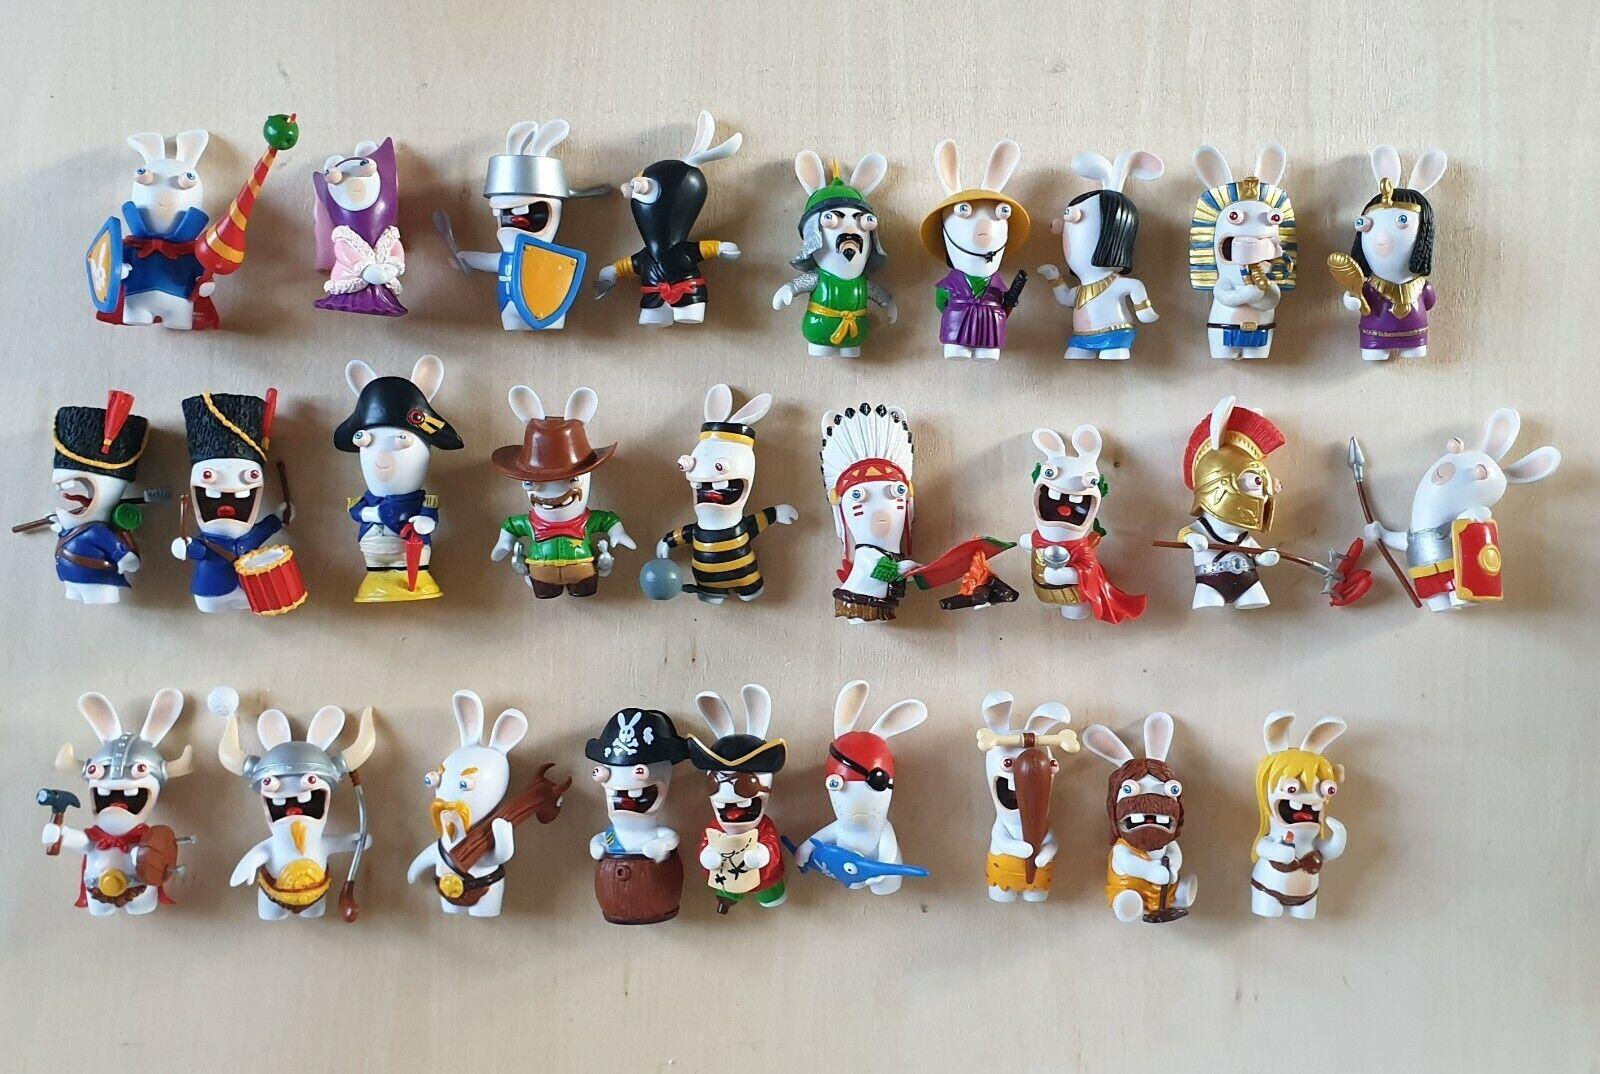 Masse de 27 figurines Lapins Crétins - Retour vers le Passé - Complet -